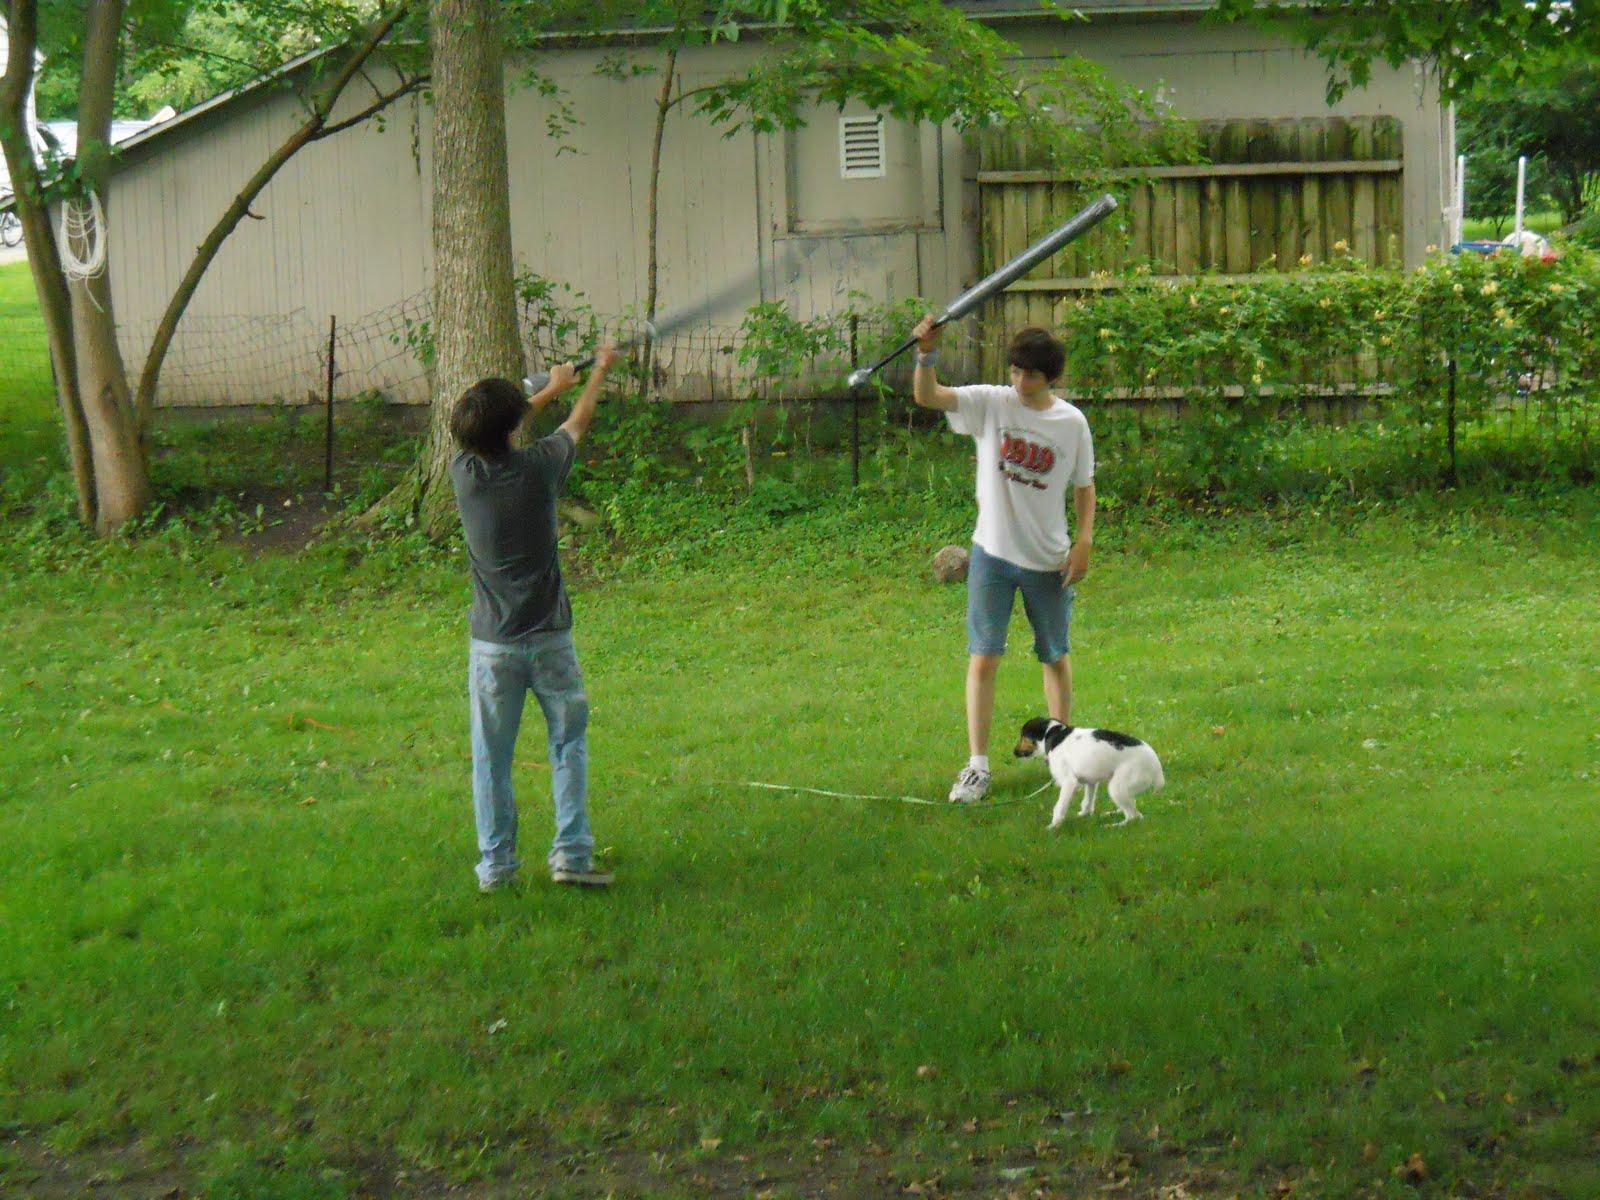 the adventures of karen boys in the backyard